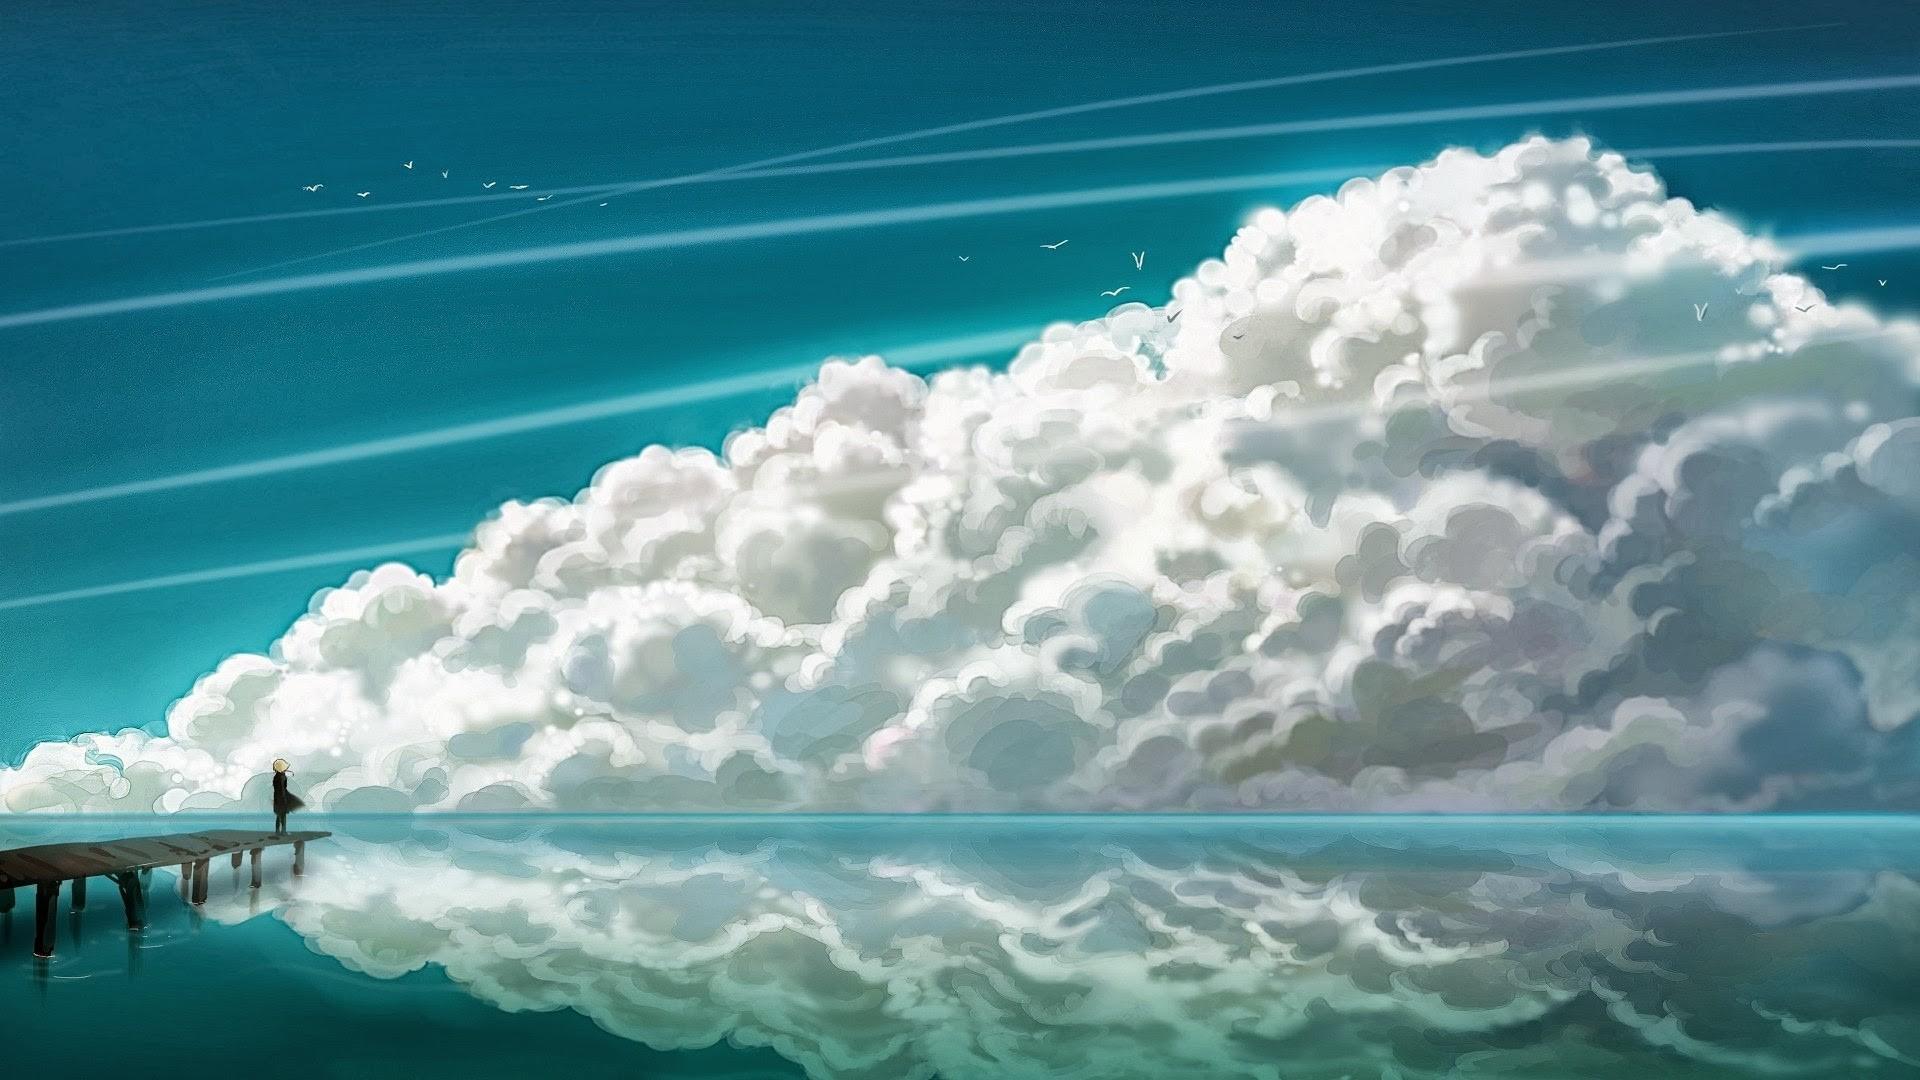 Wallpaper Sinar Matahari Laut Anime Danau Air